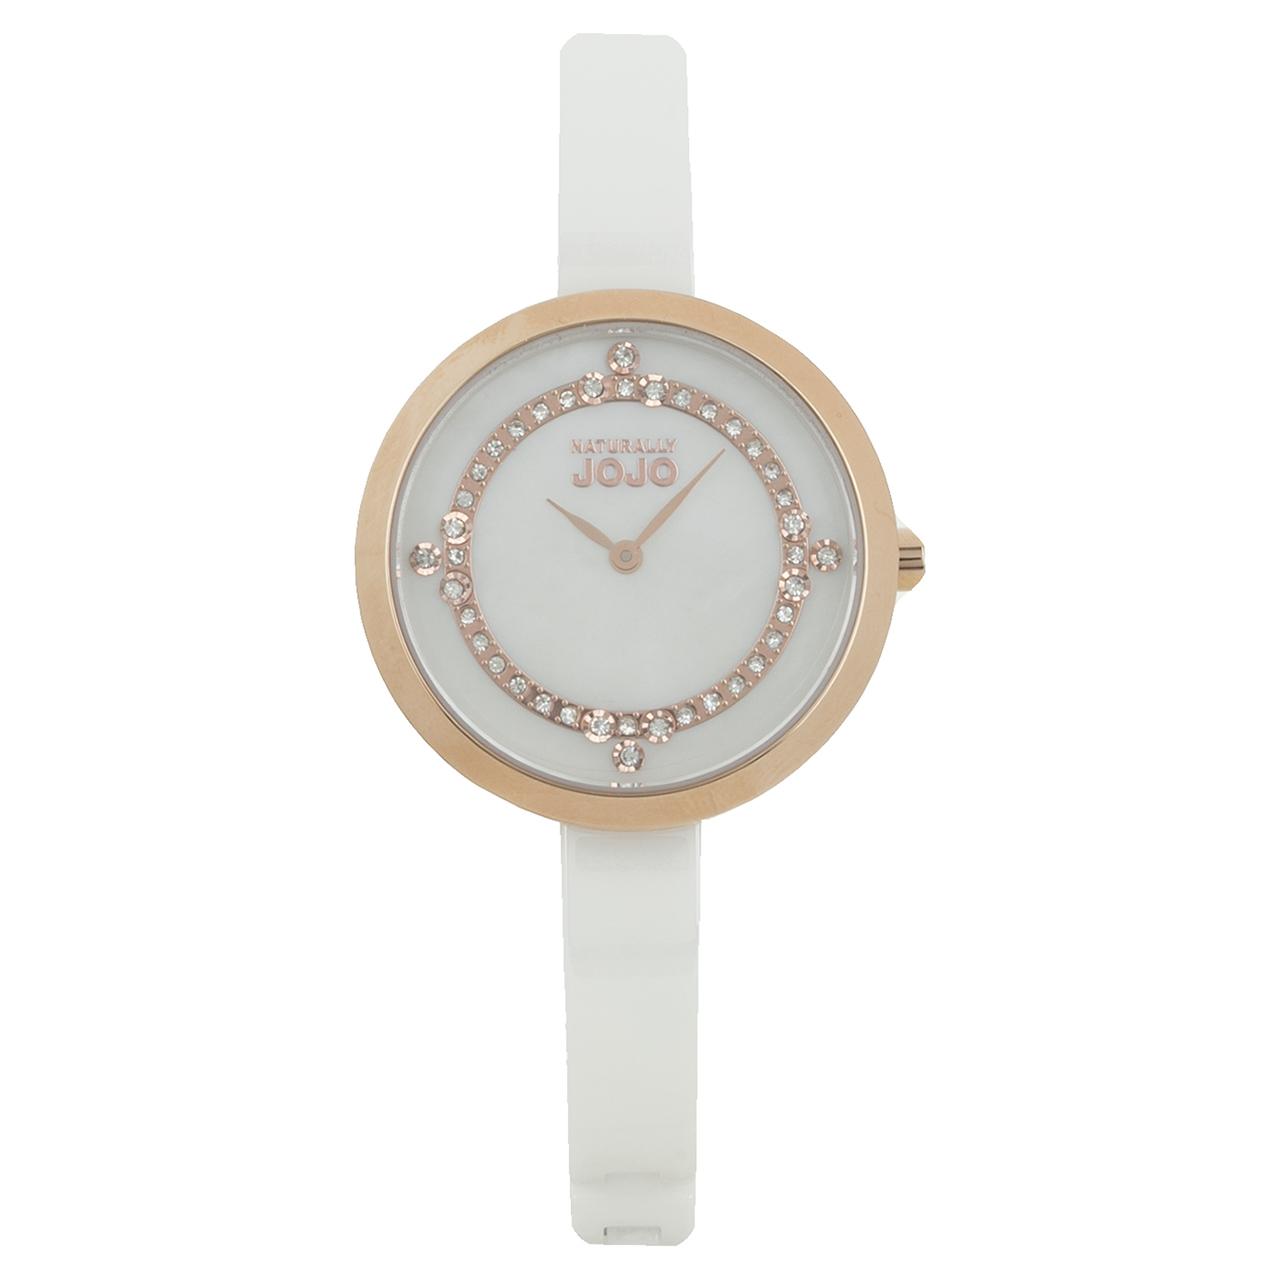 ساعت مچی عقربه ای زنانه نچرالی ژوژو مدل JO96874.81R